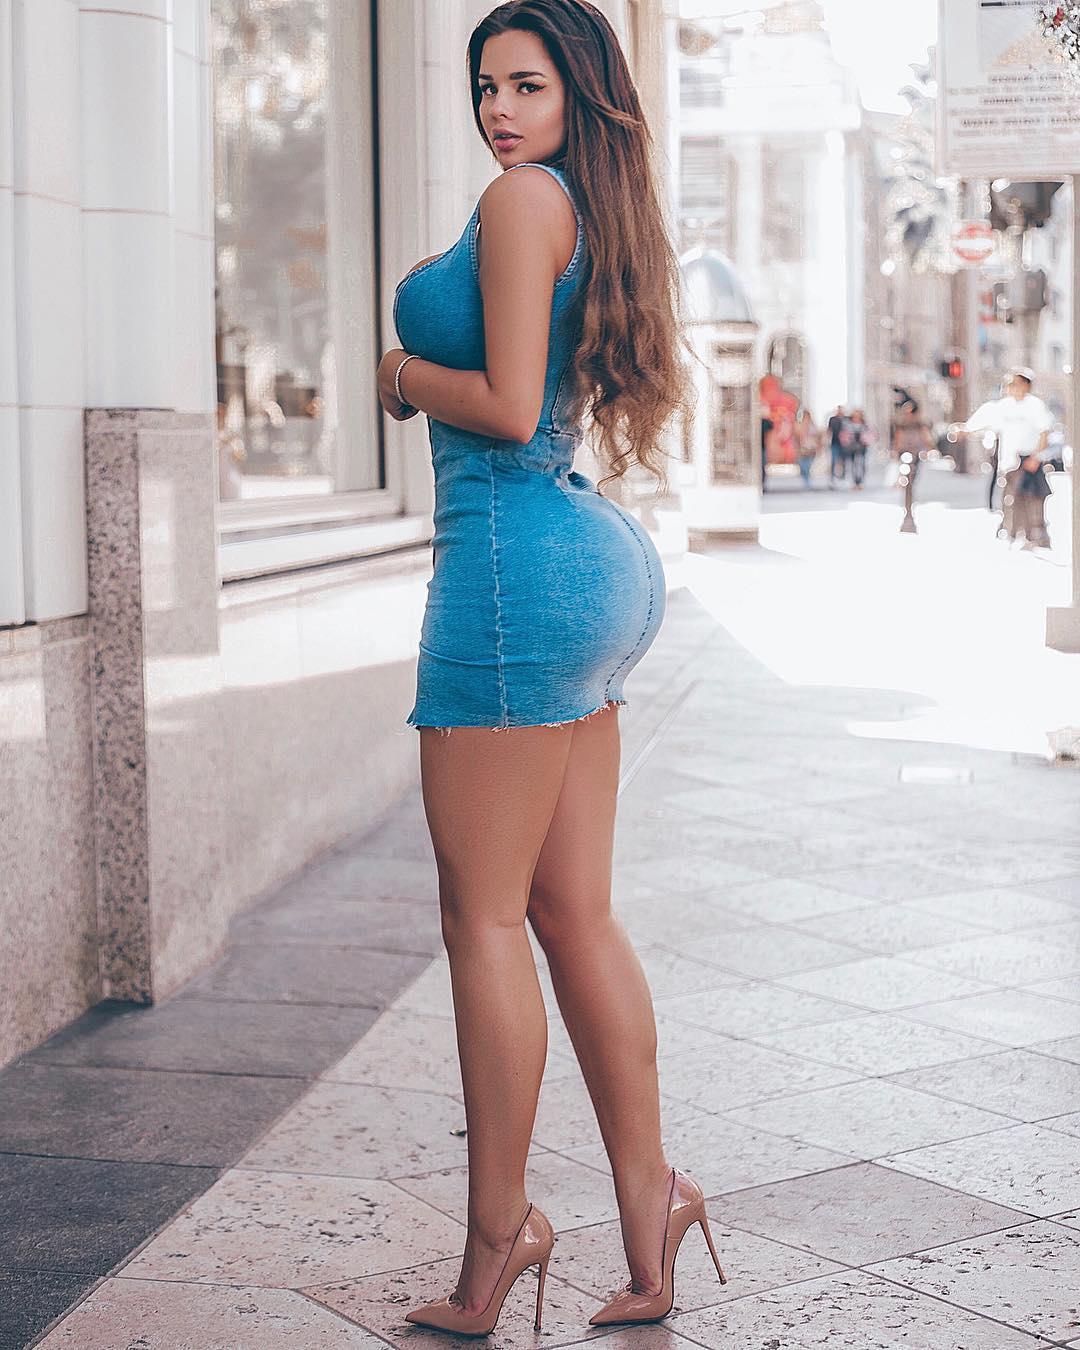 俄羅斯網紅小瑪麗亞, 熱愛健身, 胖中帶瘦, 瘦中有型-圖5